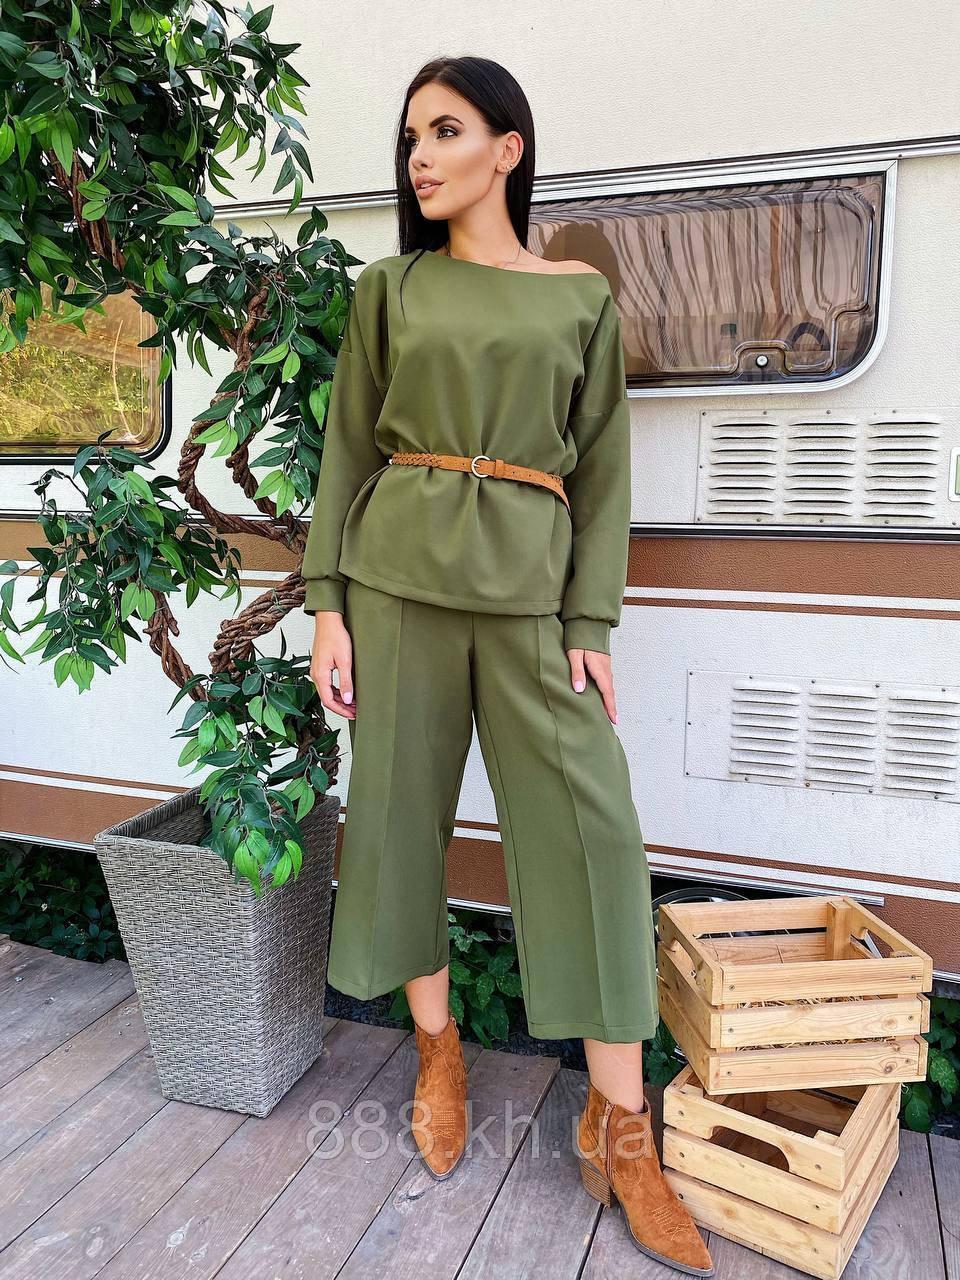 Прогулочный женский костюм с широкими штанами Calvin весна/лето, 42-44/46-48, цвет хаки